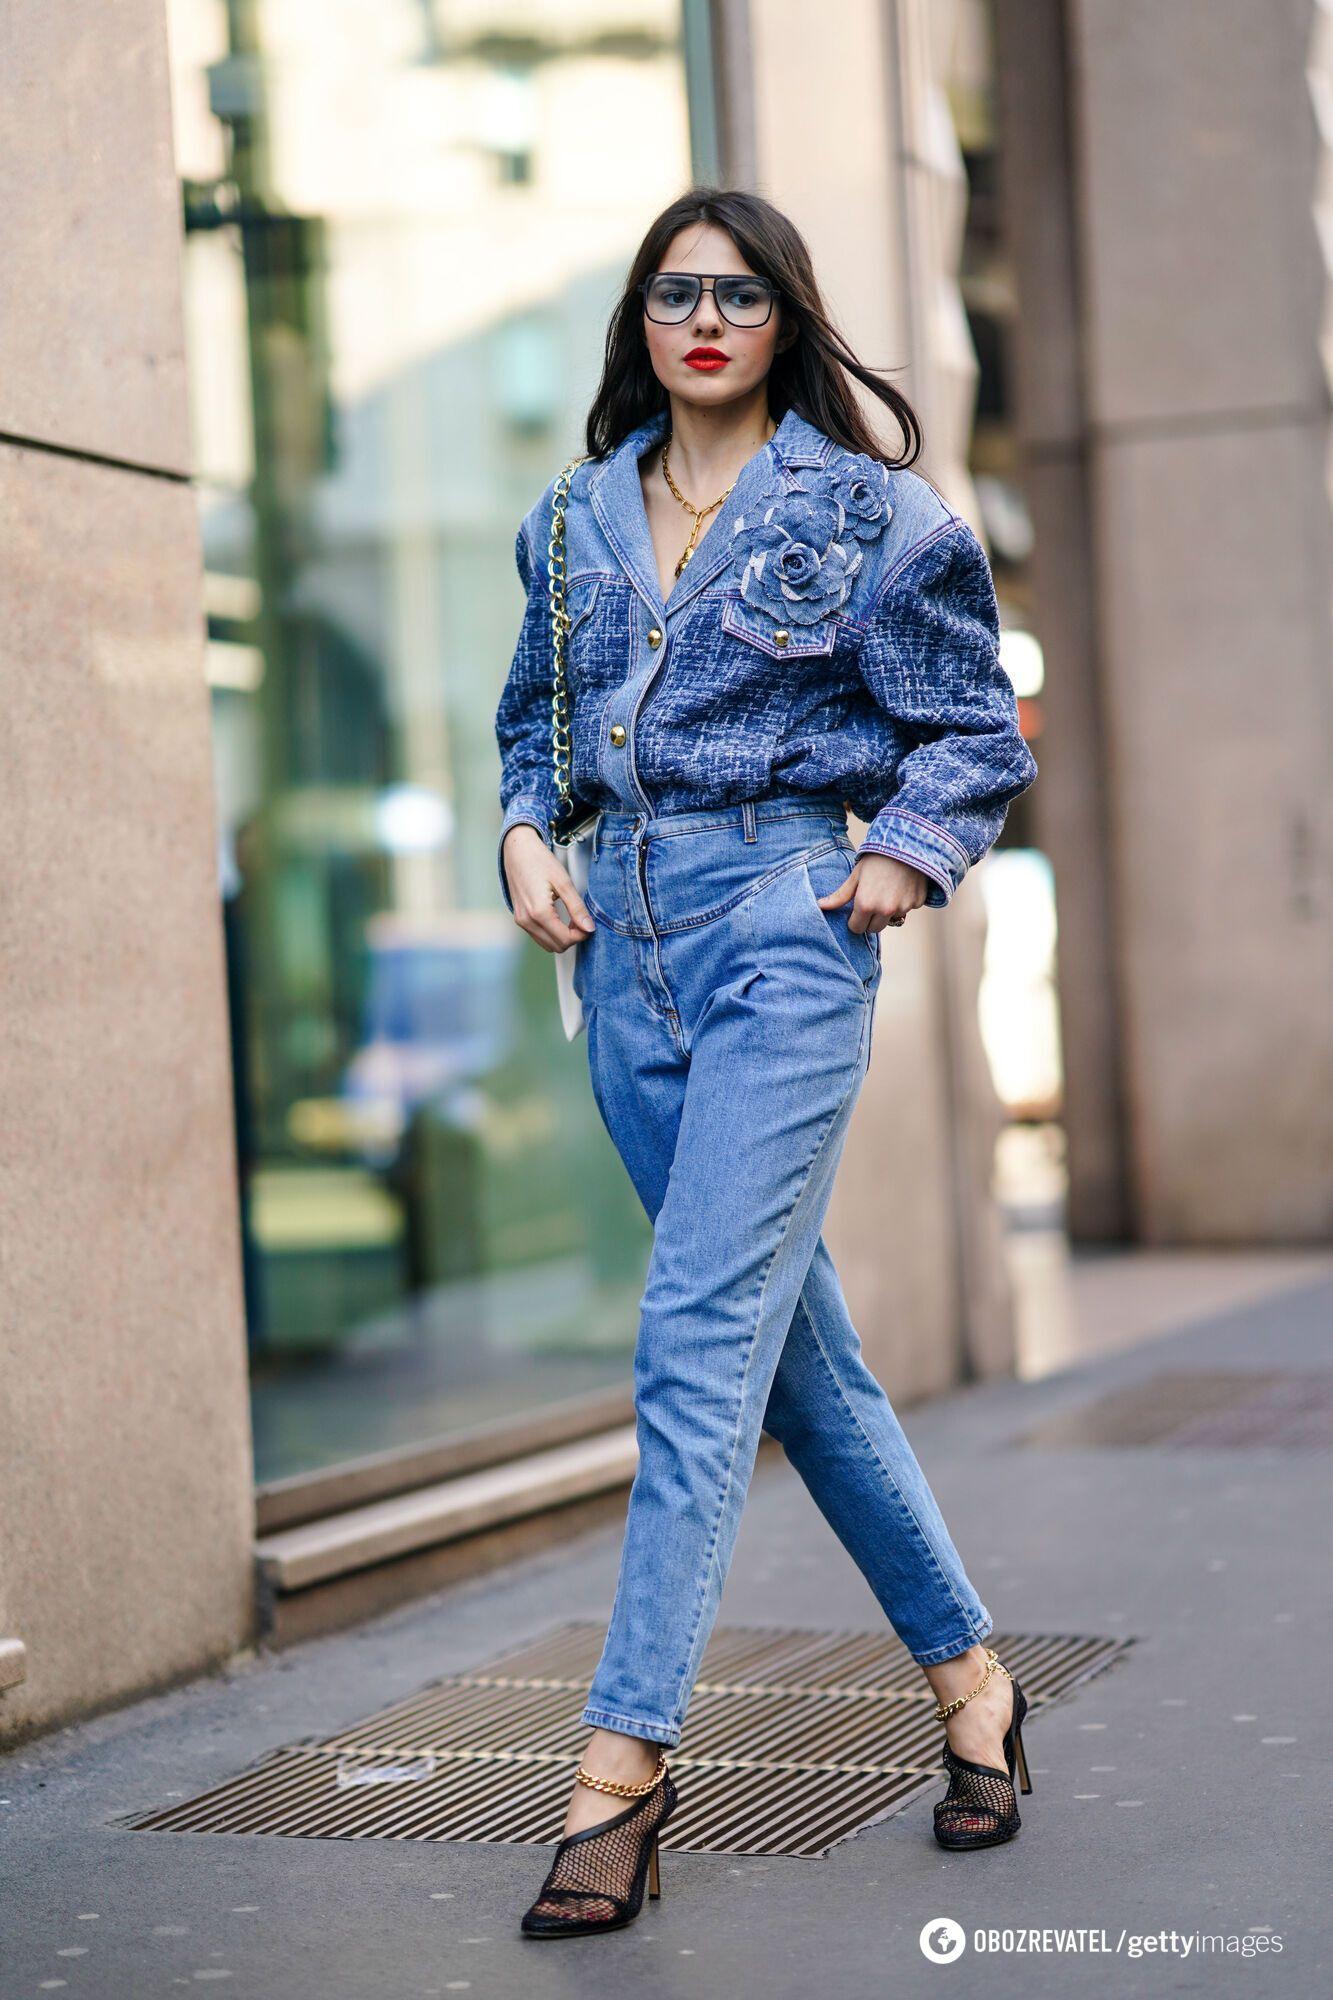 Модный джинсовый total look